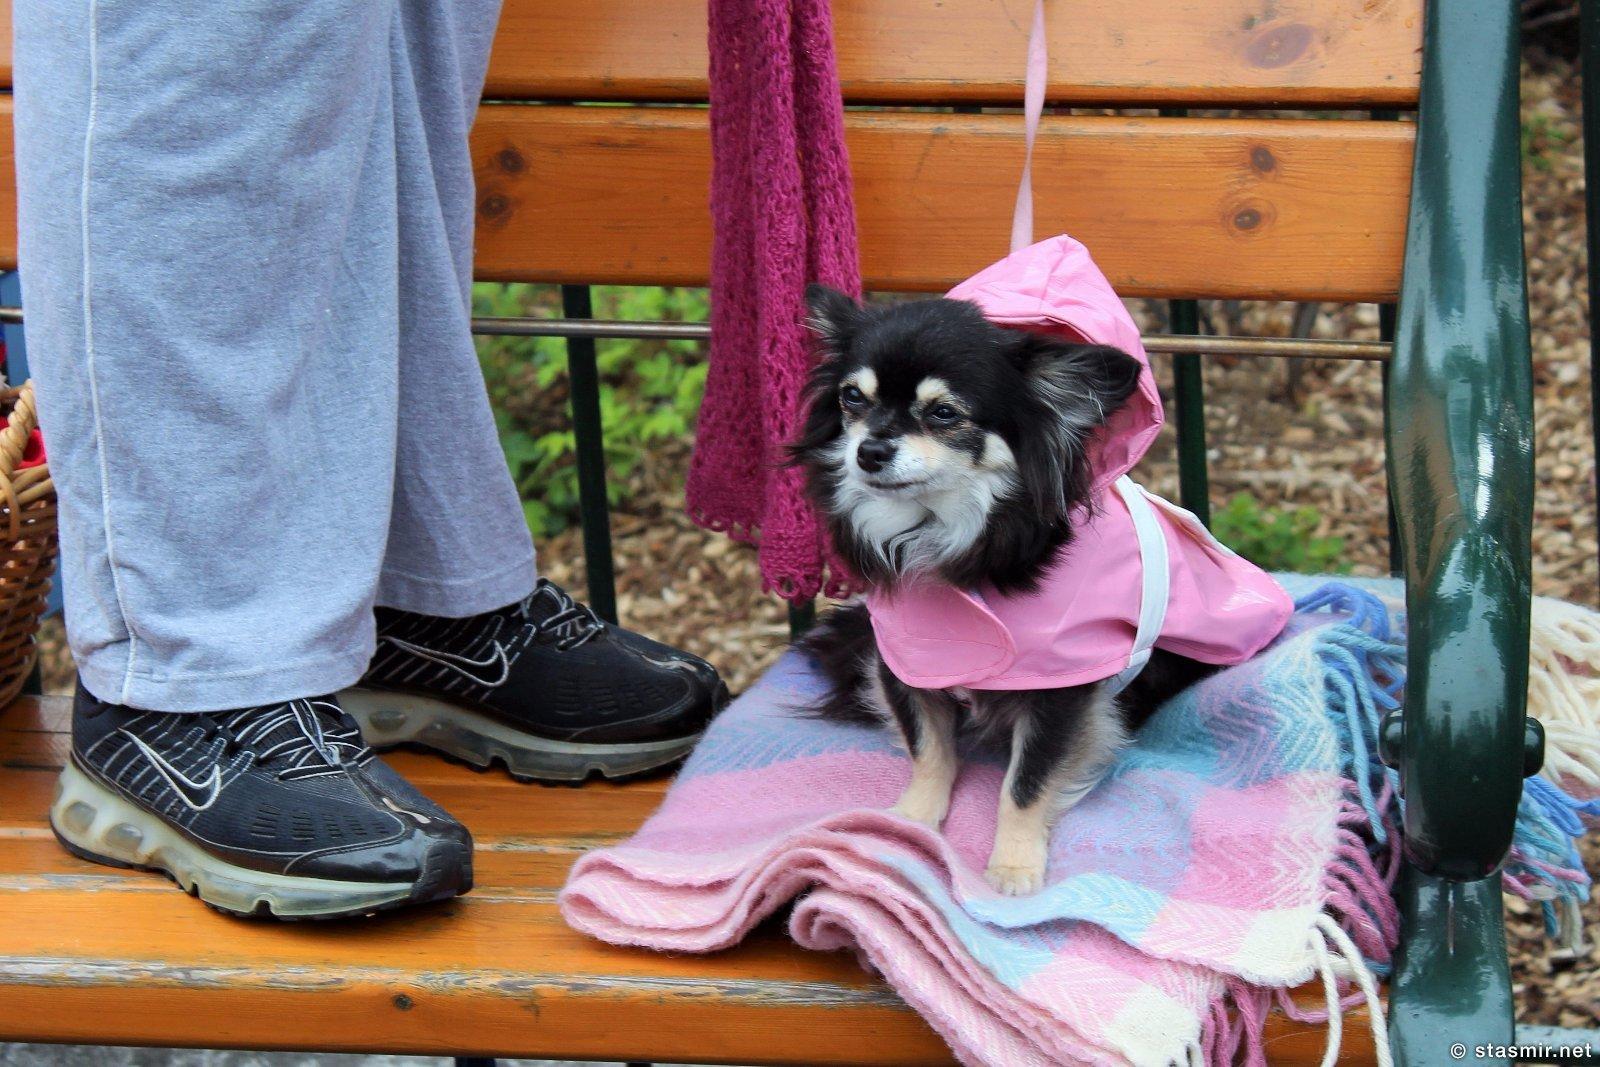 И маленькая собачонка, Гей-прайд 2015, Рейкьявик, животные Исландии, собаки в Исландии, городская жизнь в Исландии, Рейкьявик, праздники, шествия, столица Исландии, лето в Исландии, гей-прайд 2015, Photo Stasmir